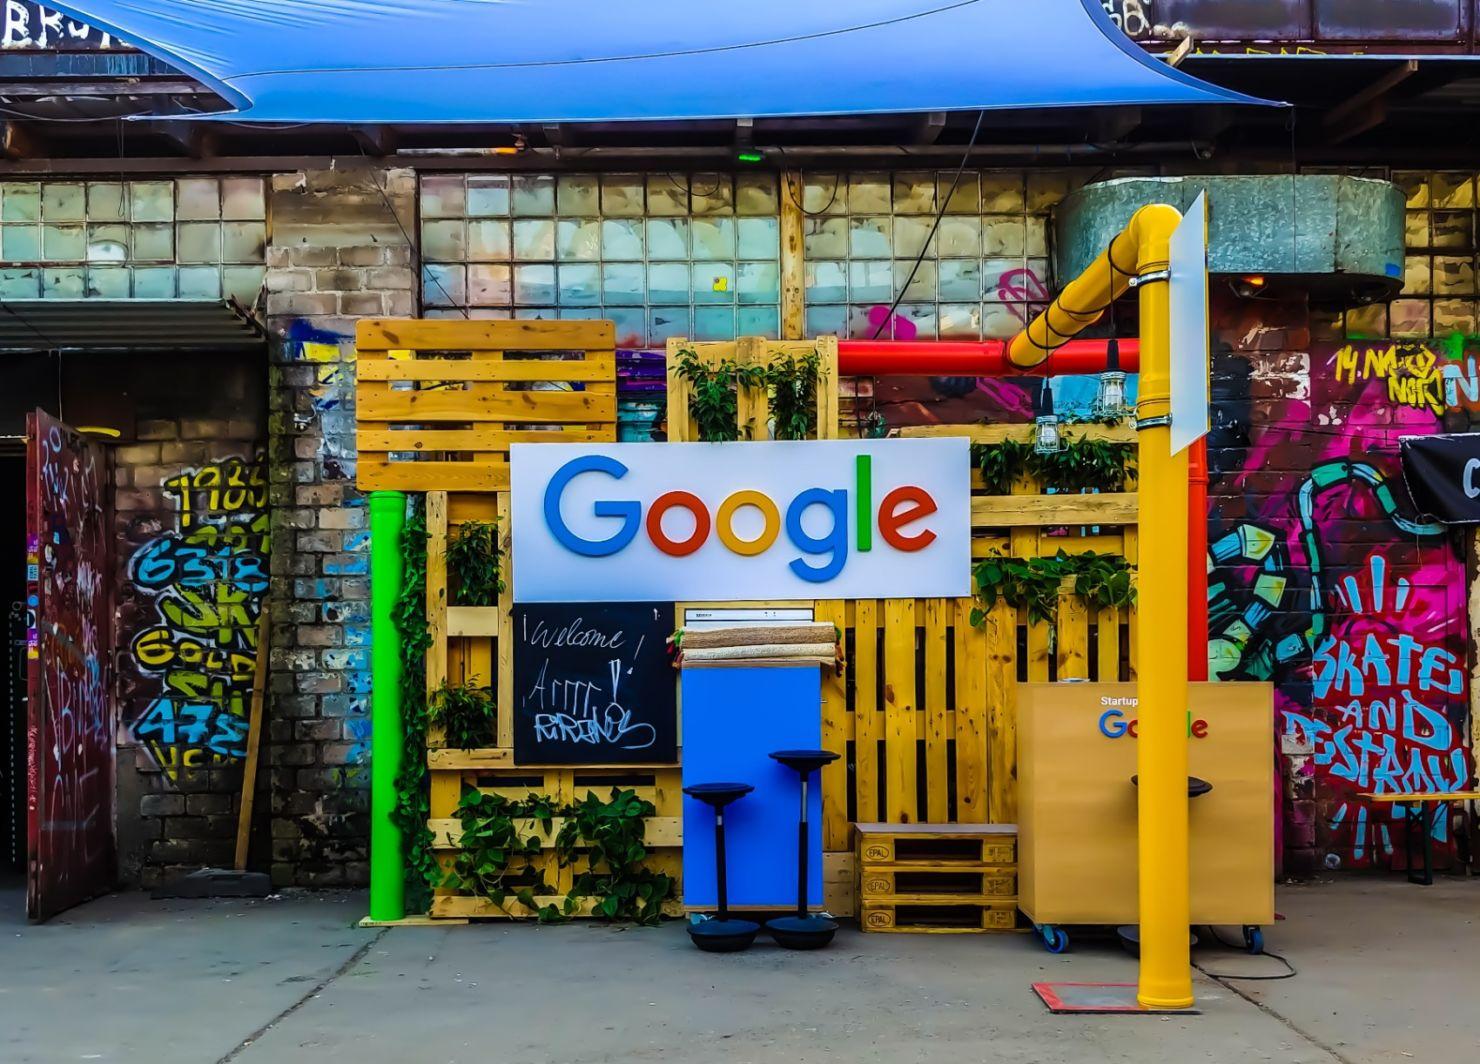 Mejora tus viajes con las recomendaciones de Google